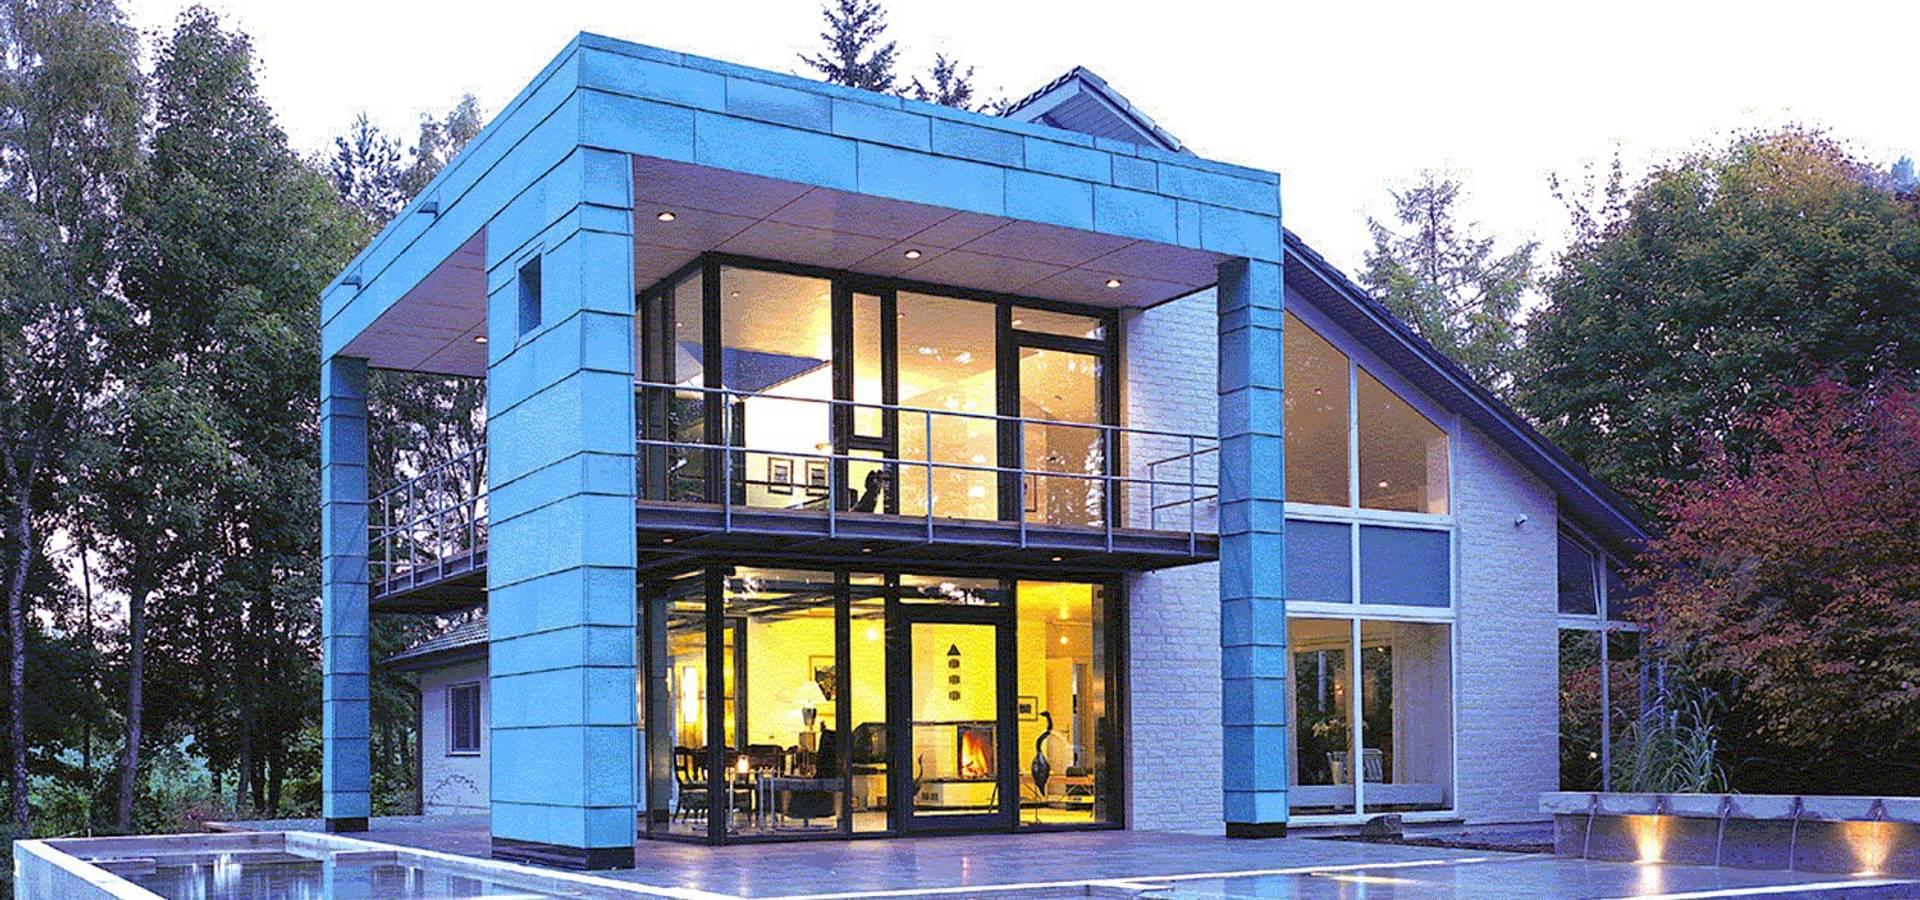 stadie stadie architekten architekten in l beck homify. Black Bedroom Furniture Sets. Home Design Ideas